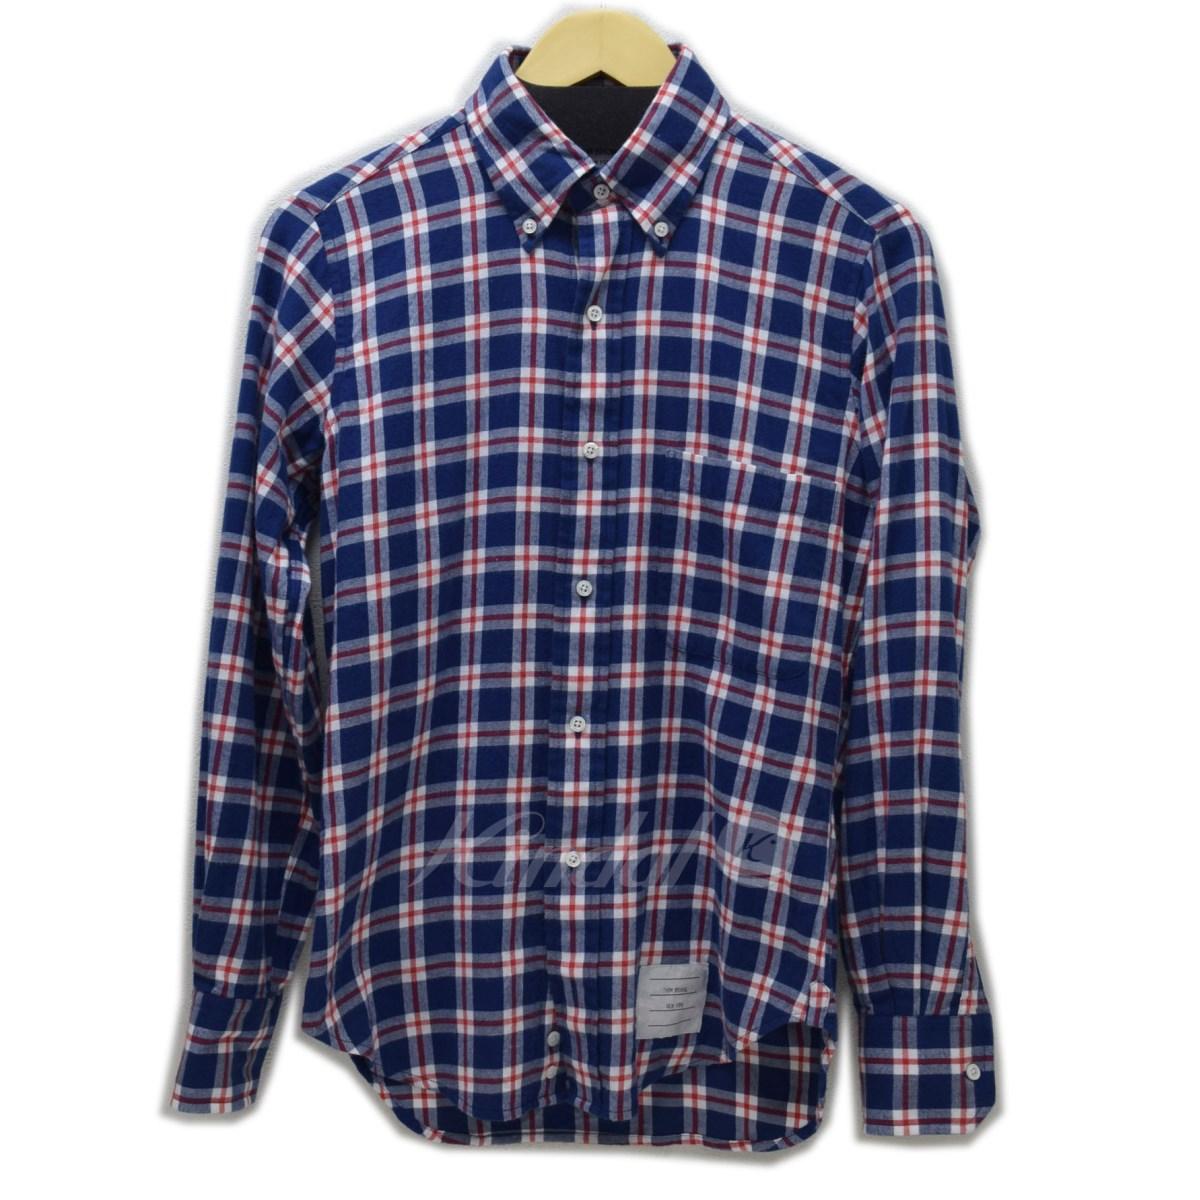 【中古】THOM BROWNE ボタンダウンネルチェックシャツ 【送料無料】 【008411】 【KIND1641】